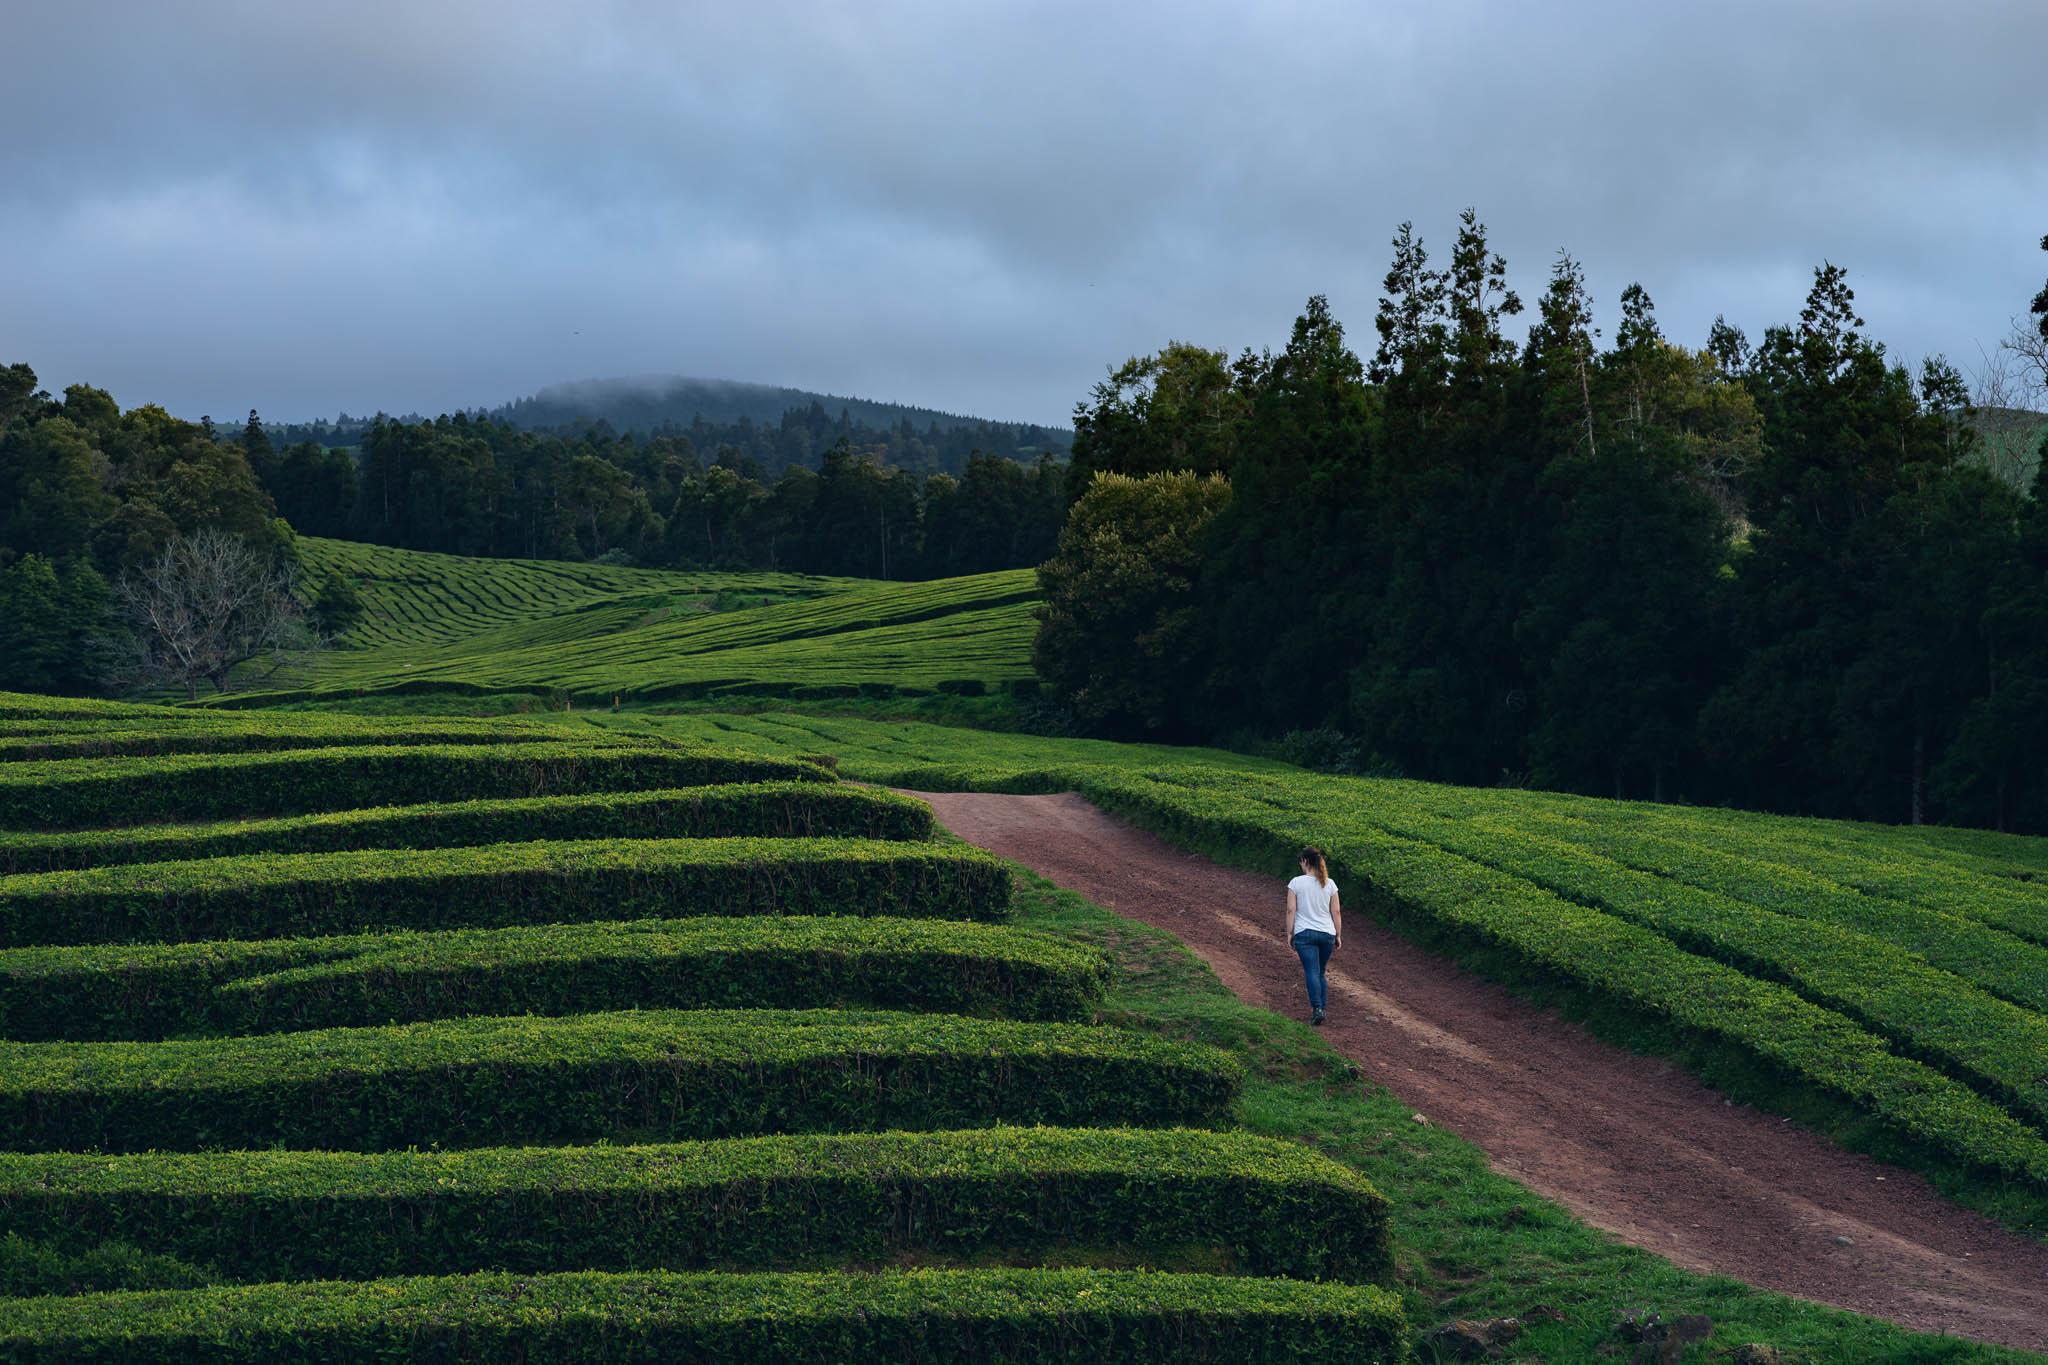 Tea Plantation of Chá Gorreana, Sao Miguel, Azores, Portugal